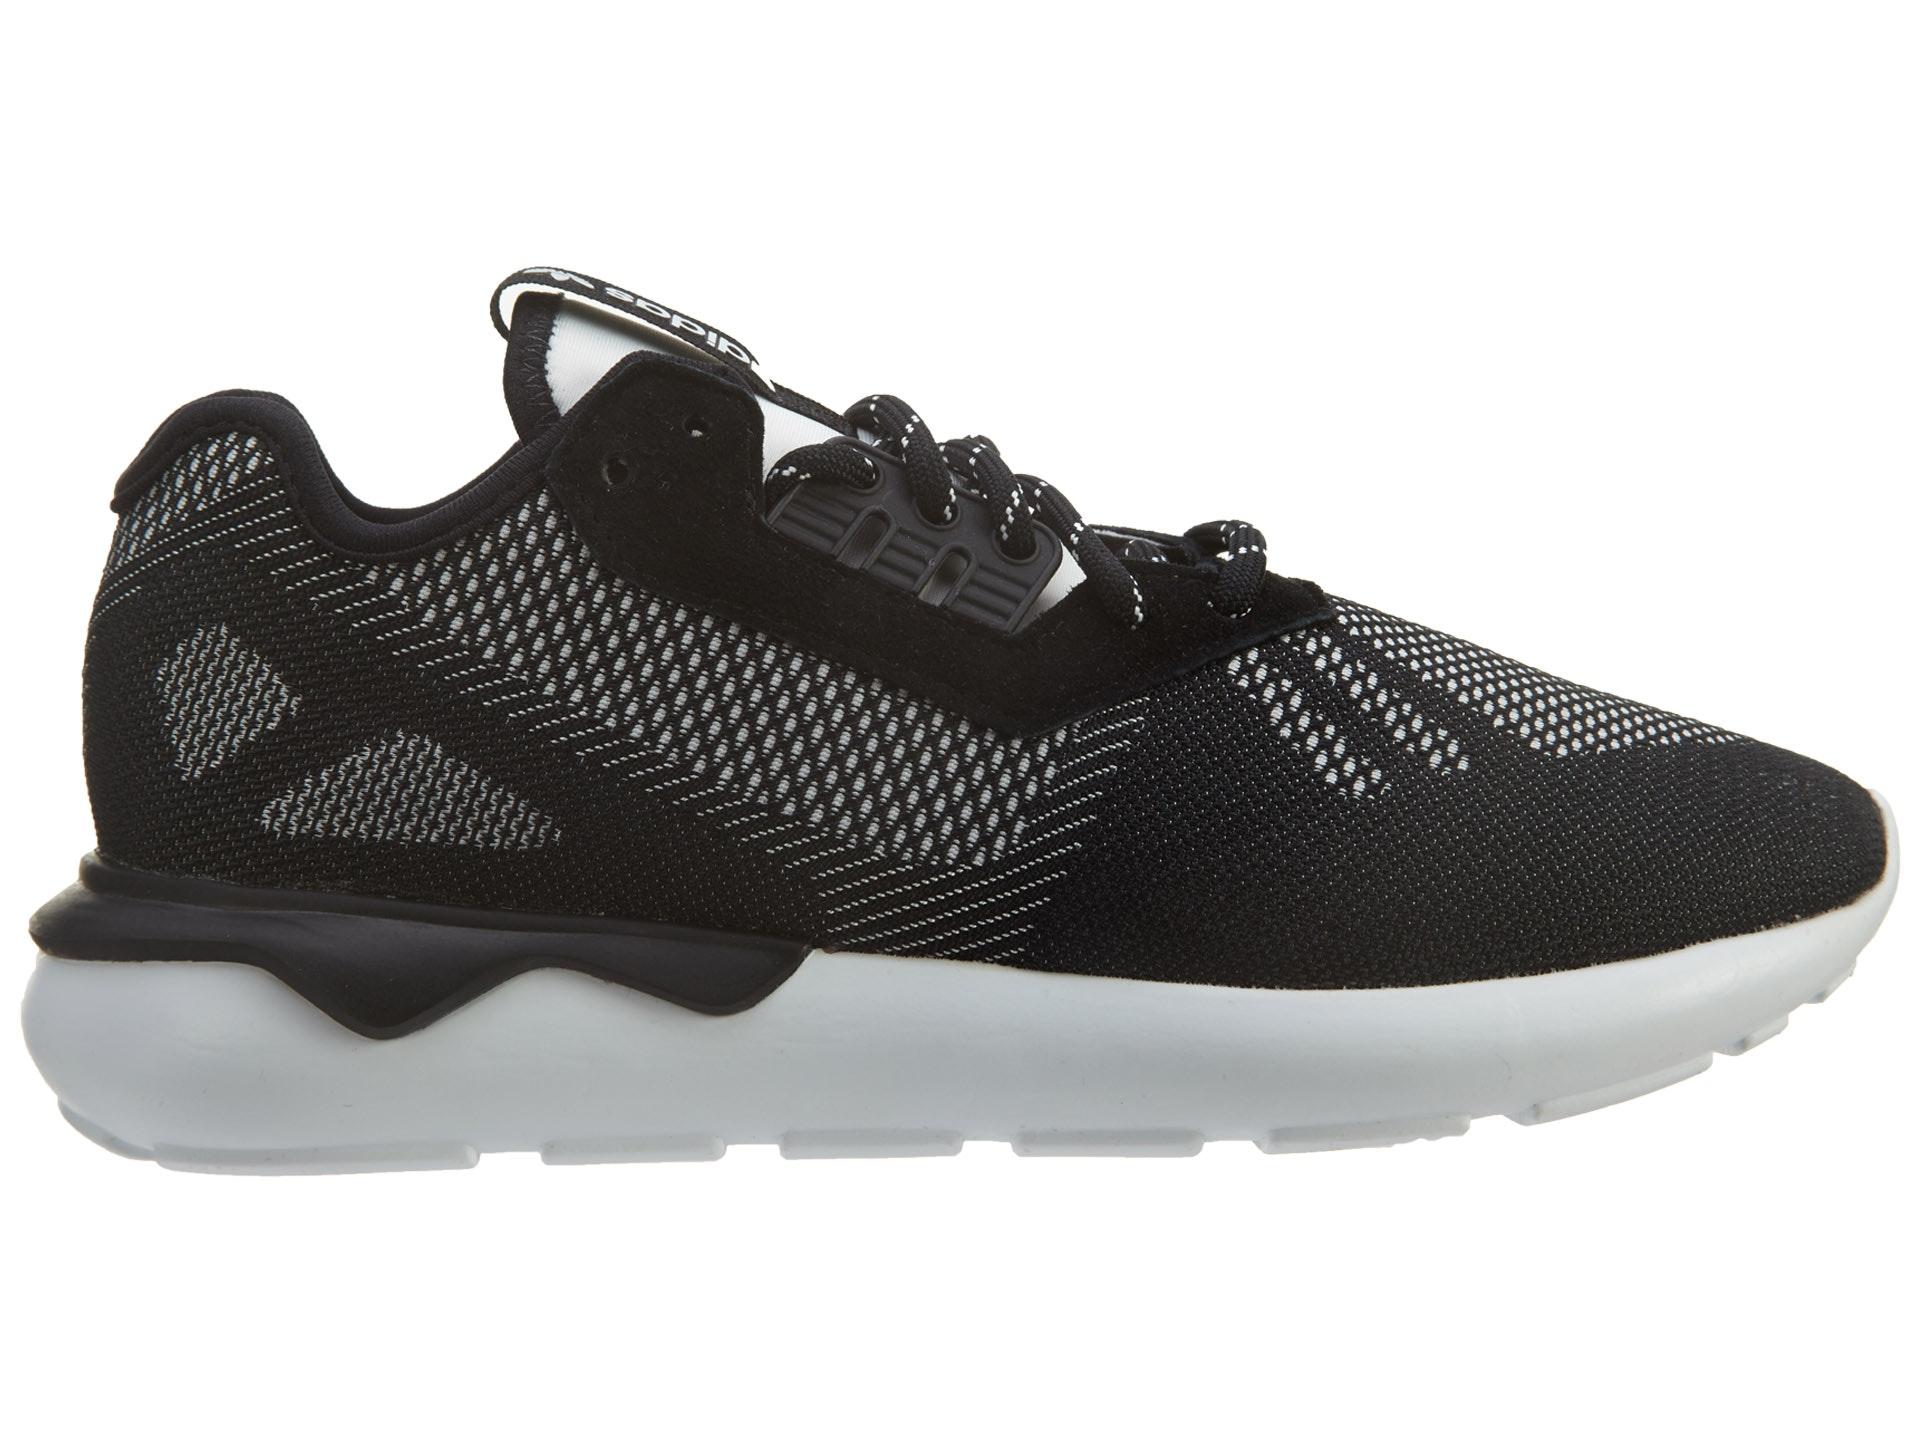 adidas Tubular Runner Weave Black/Black/White